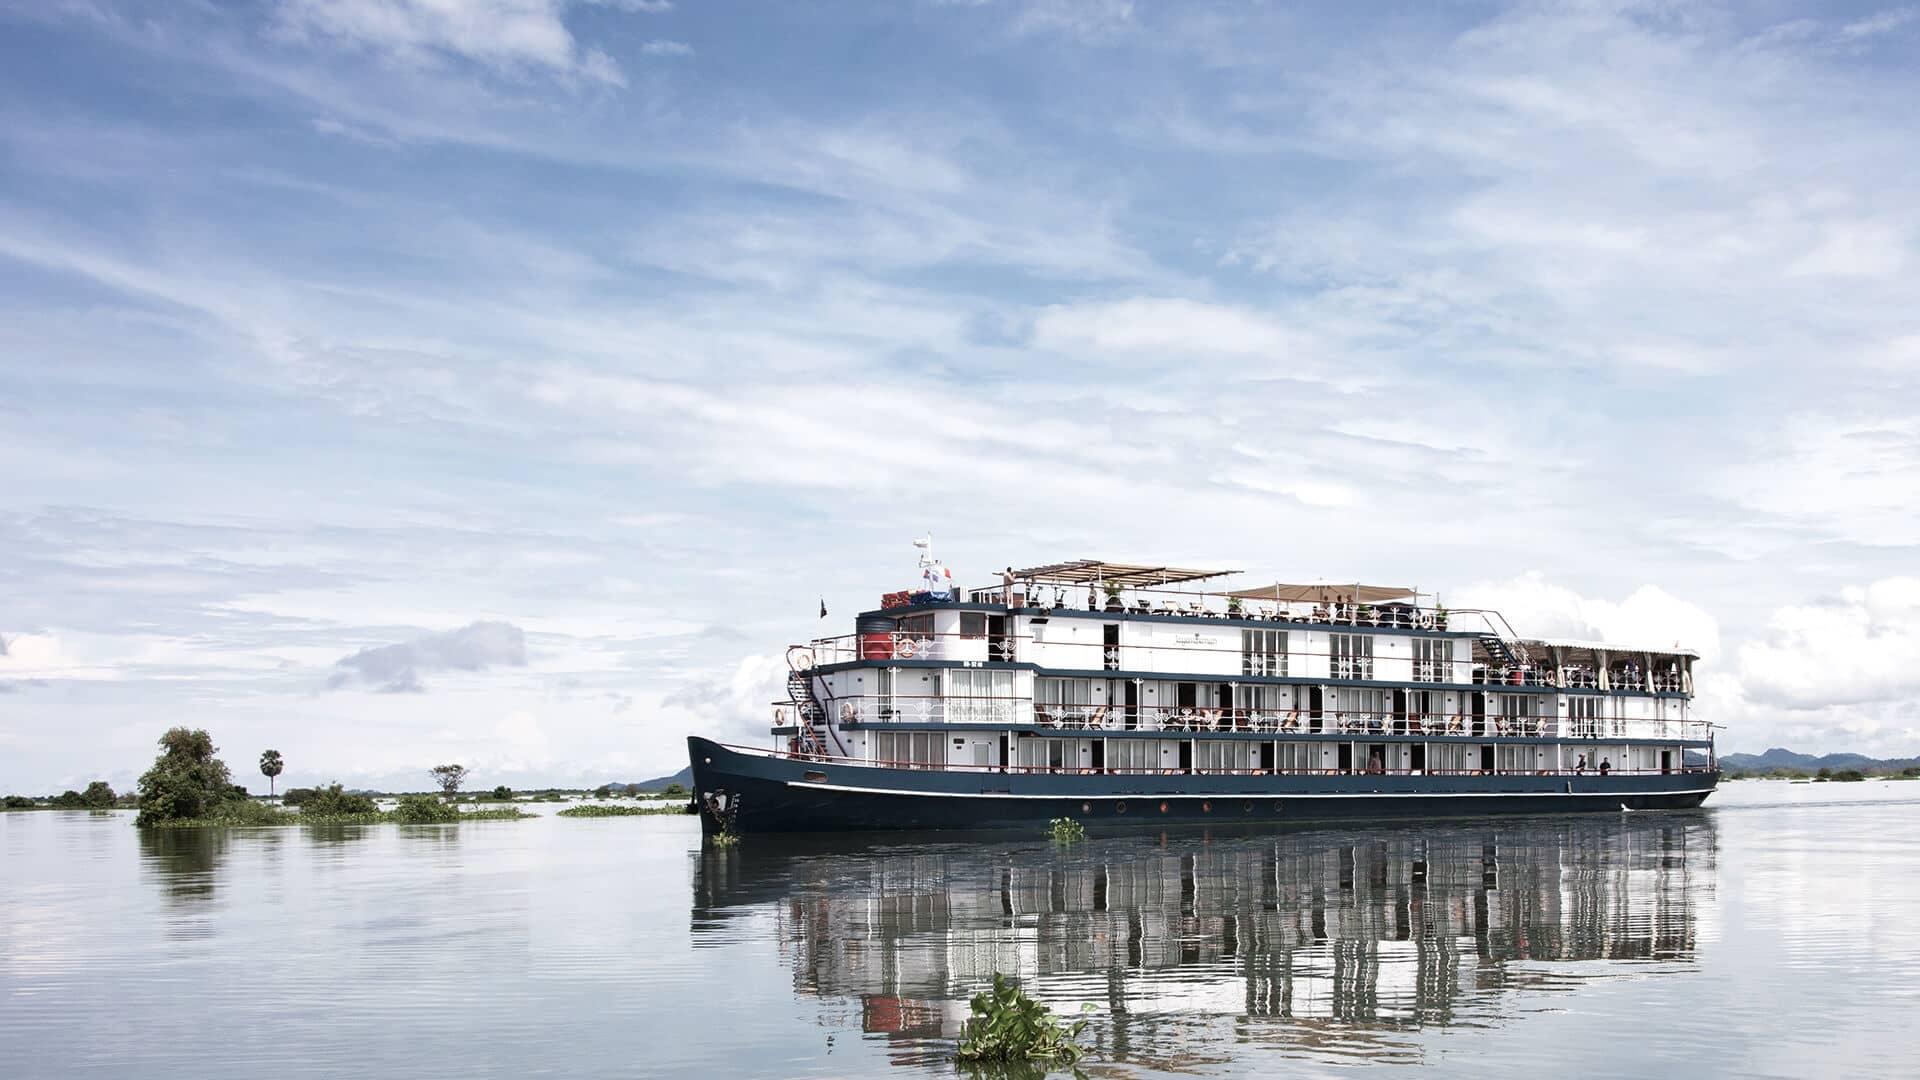 Croisière sur le Mékong avec le bateau Jayavarman cruise